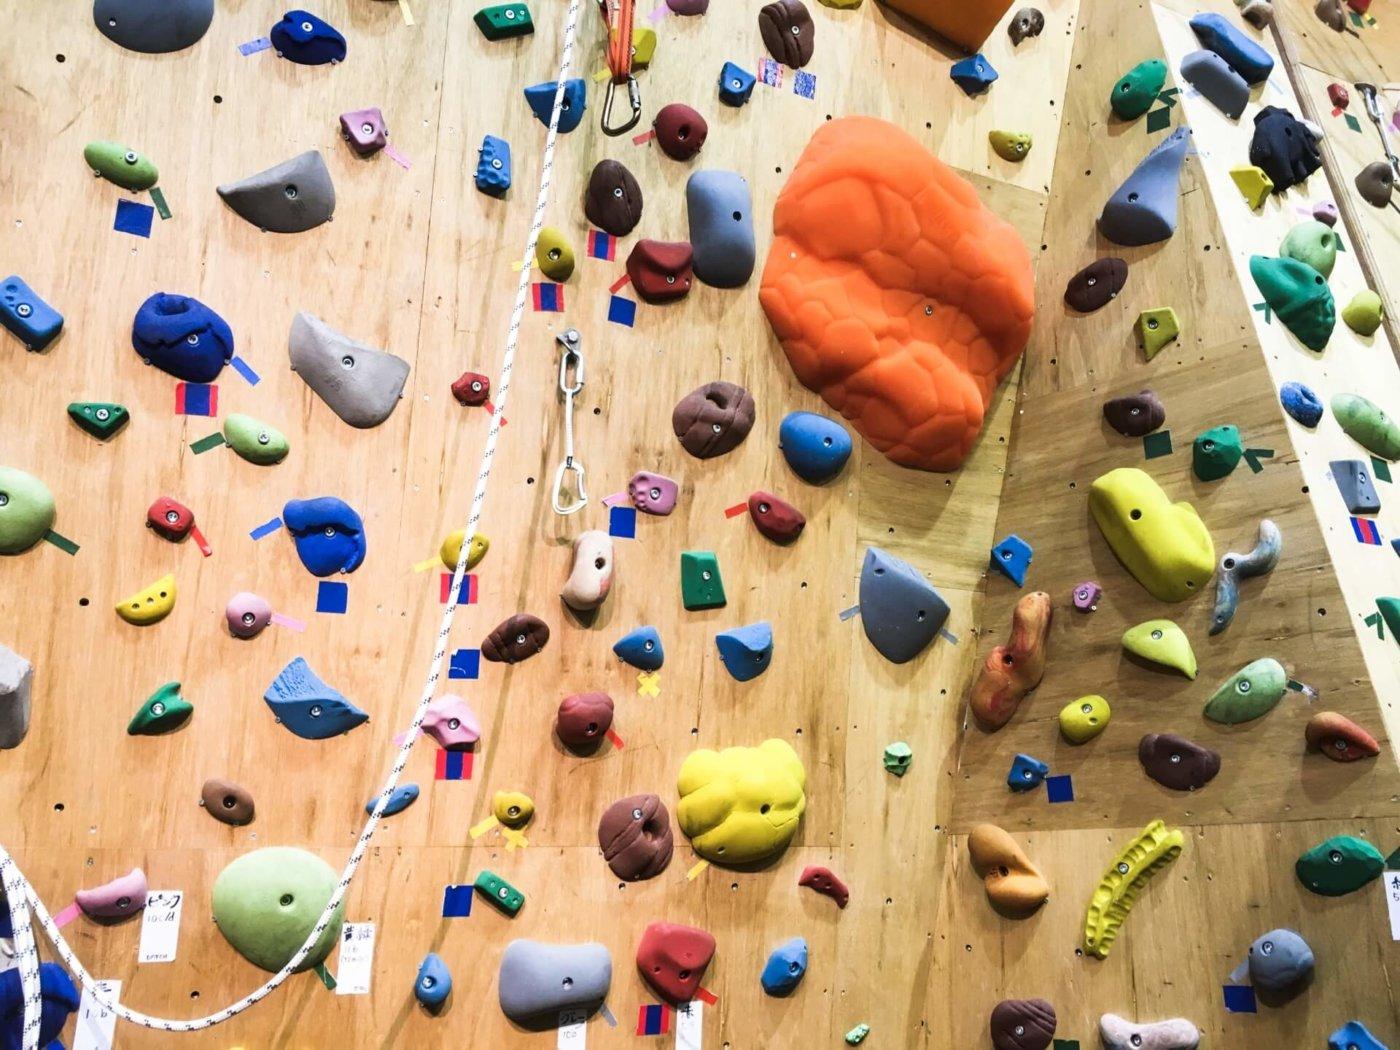 ボルダリングがうまくなりたい!懸垂によるトレーニングと実際に登ることのどちらを優先すべき?